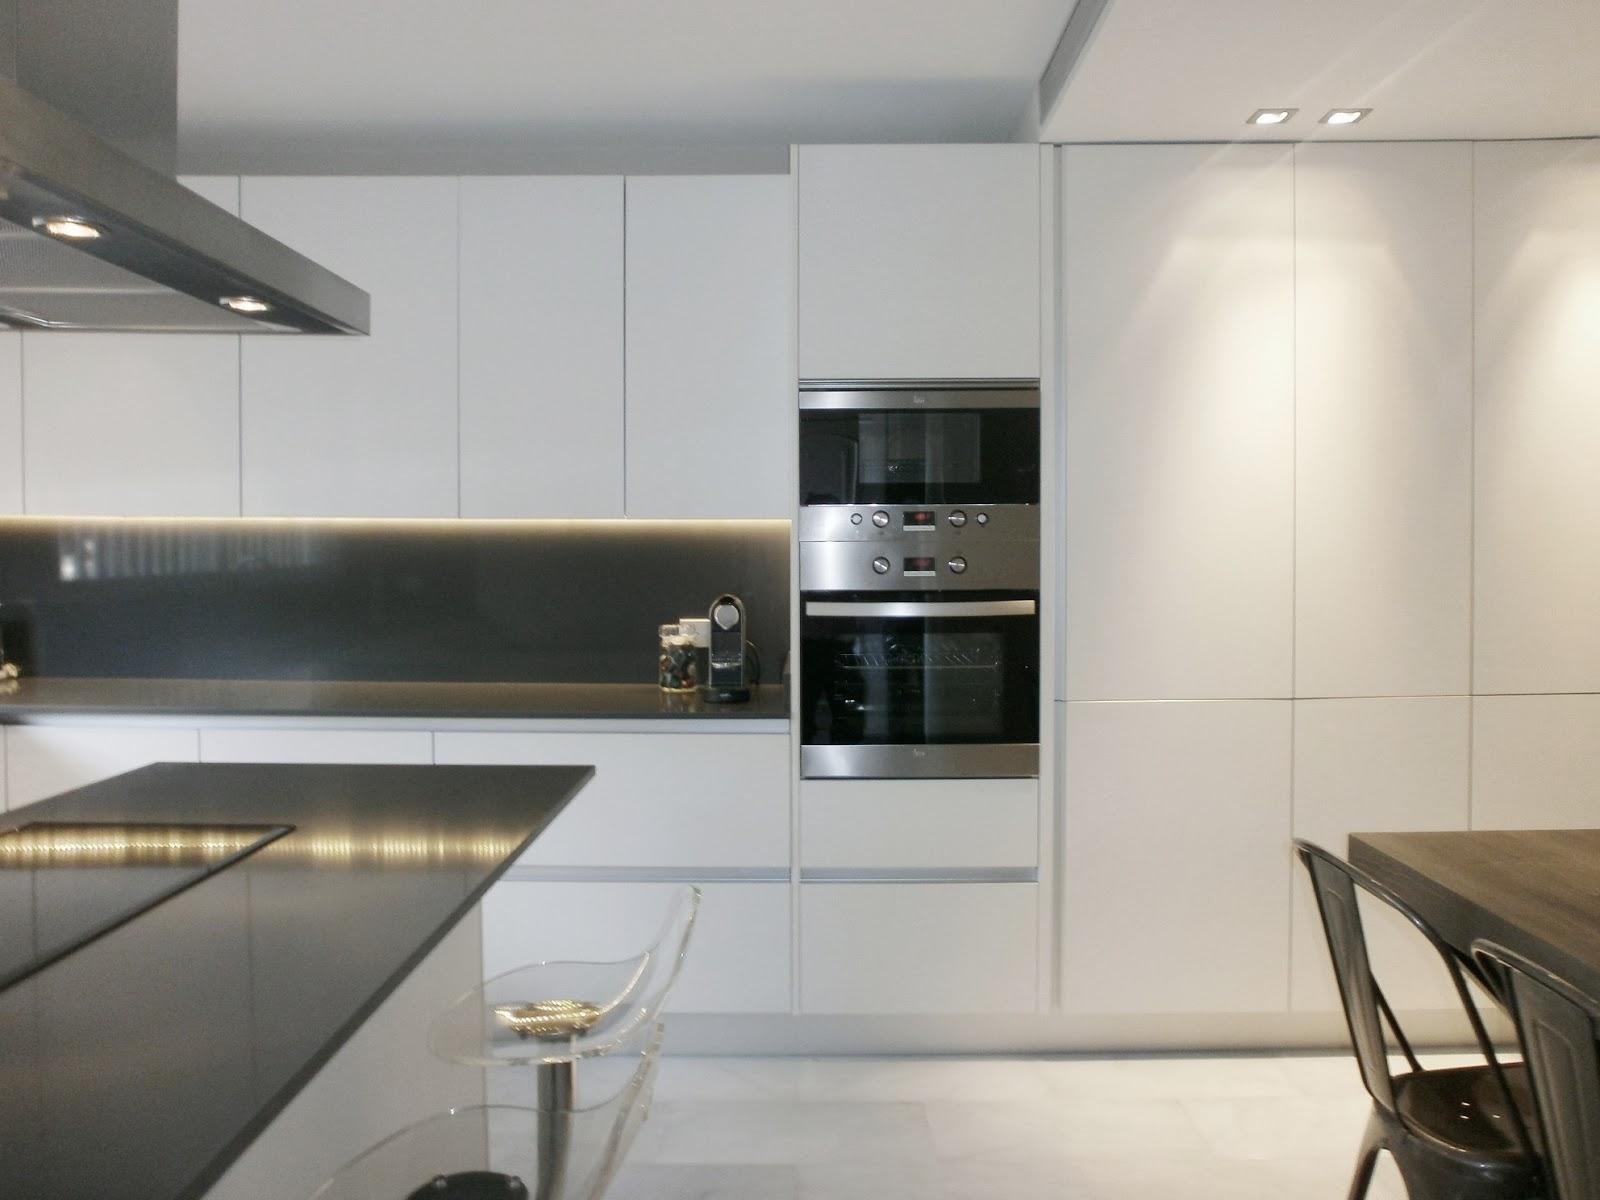 Encantadora cocina blanca independiente con isla y office - Cocina blanca mate ...